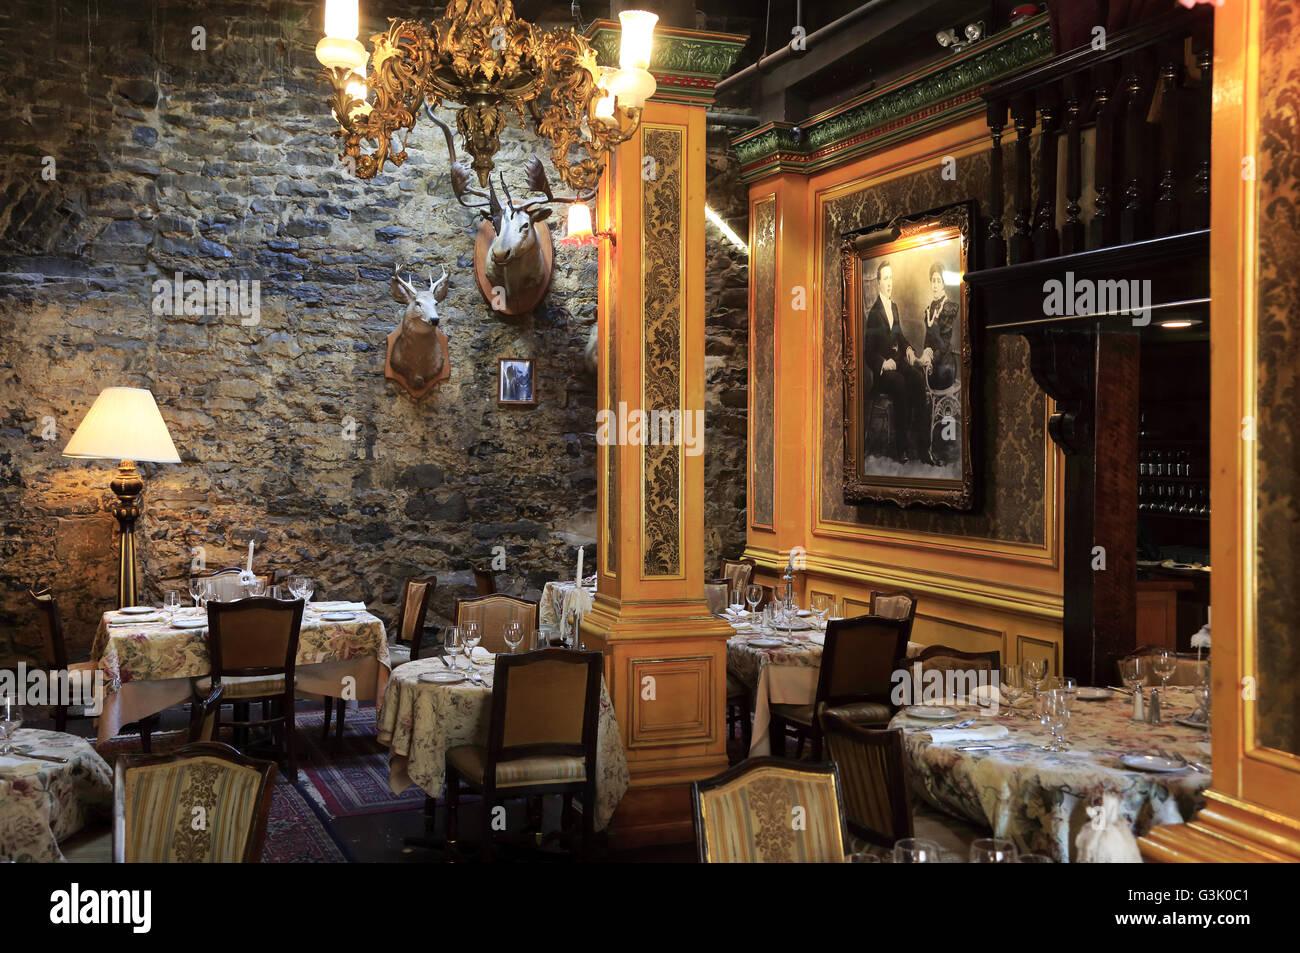 La Maison Pierre Du Calvet Hotel Stock Photos La Maison Pierre Du